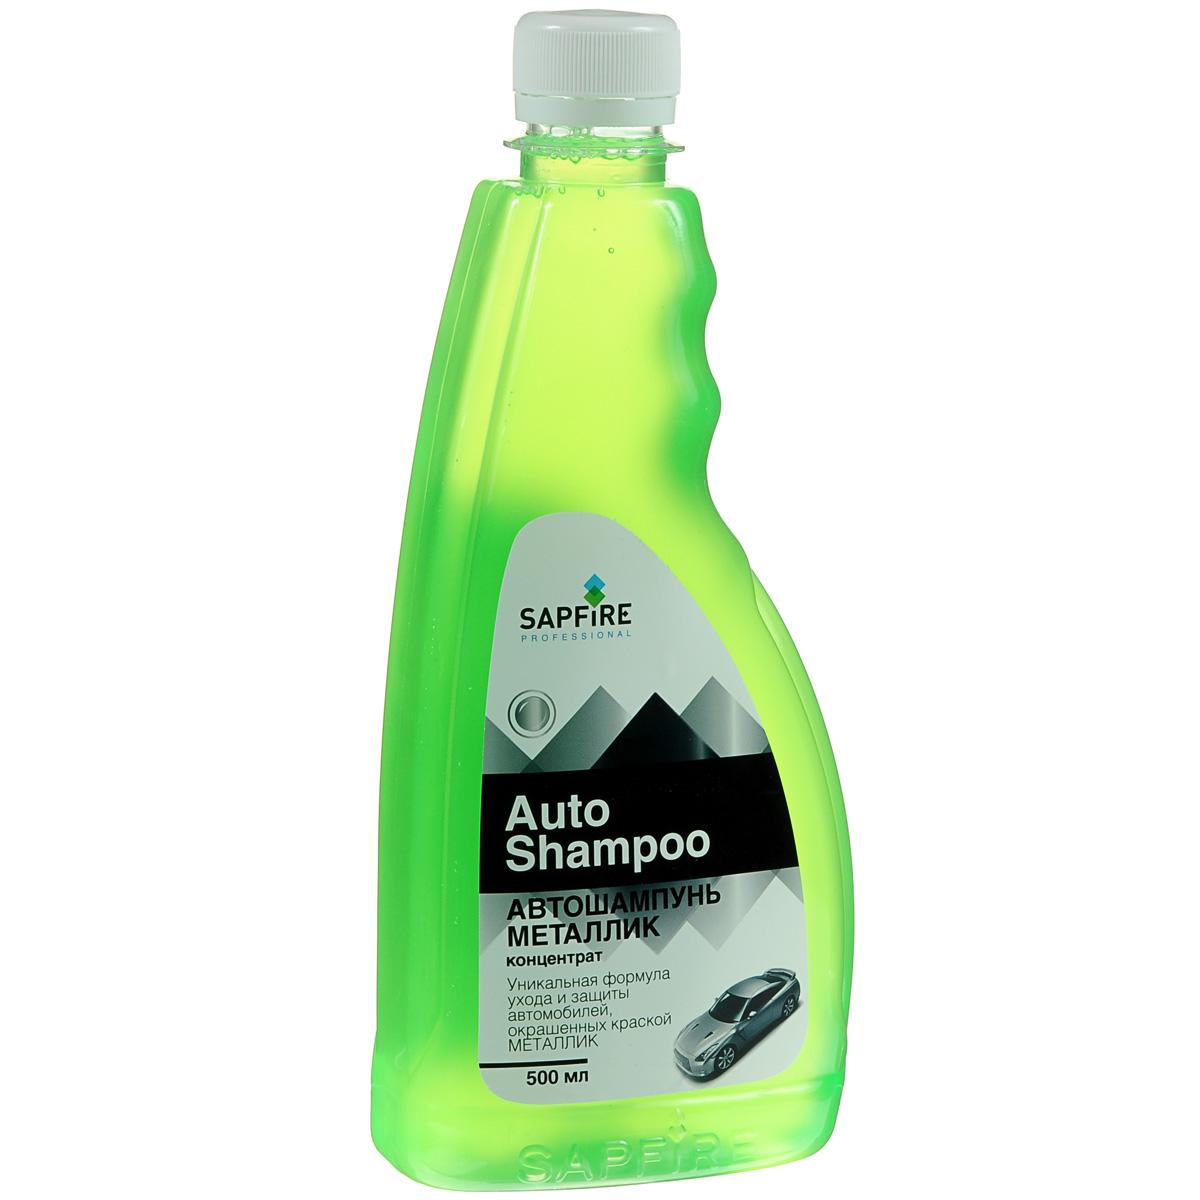 Автошампунь Sapfire Металлик, концентрированный, 500 мл1304-SSAАвтошампунь Sapfire Металлик предназначен специально для ухода и защиты современных автомобилей, окрашенных краской металлик. Активные моющие вещества шампуня обеспечивают эффективную и безопасную очистку кузова автомобиля от загрязнений, одновременно придавая ему блеск и защитные свойства. Шампунь легко смывается водой, не повреждает алюминиевые, хромированные и пластиковые поверхности, не оставляет разводов. Шампунь создает полимерную пленку, которая защищает от негативного воздействия атмосферных осадков, маслянистой грязи, дорожных соляных растворов, препятствует осаждению пыли. Состав: аПАВ менее 5%, нПАВ менее 5%, отдушка менее 5%, консервант менее 5%, вода более 30%.